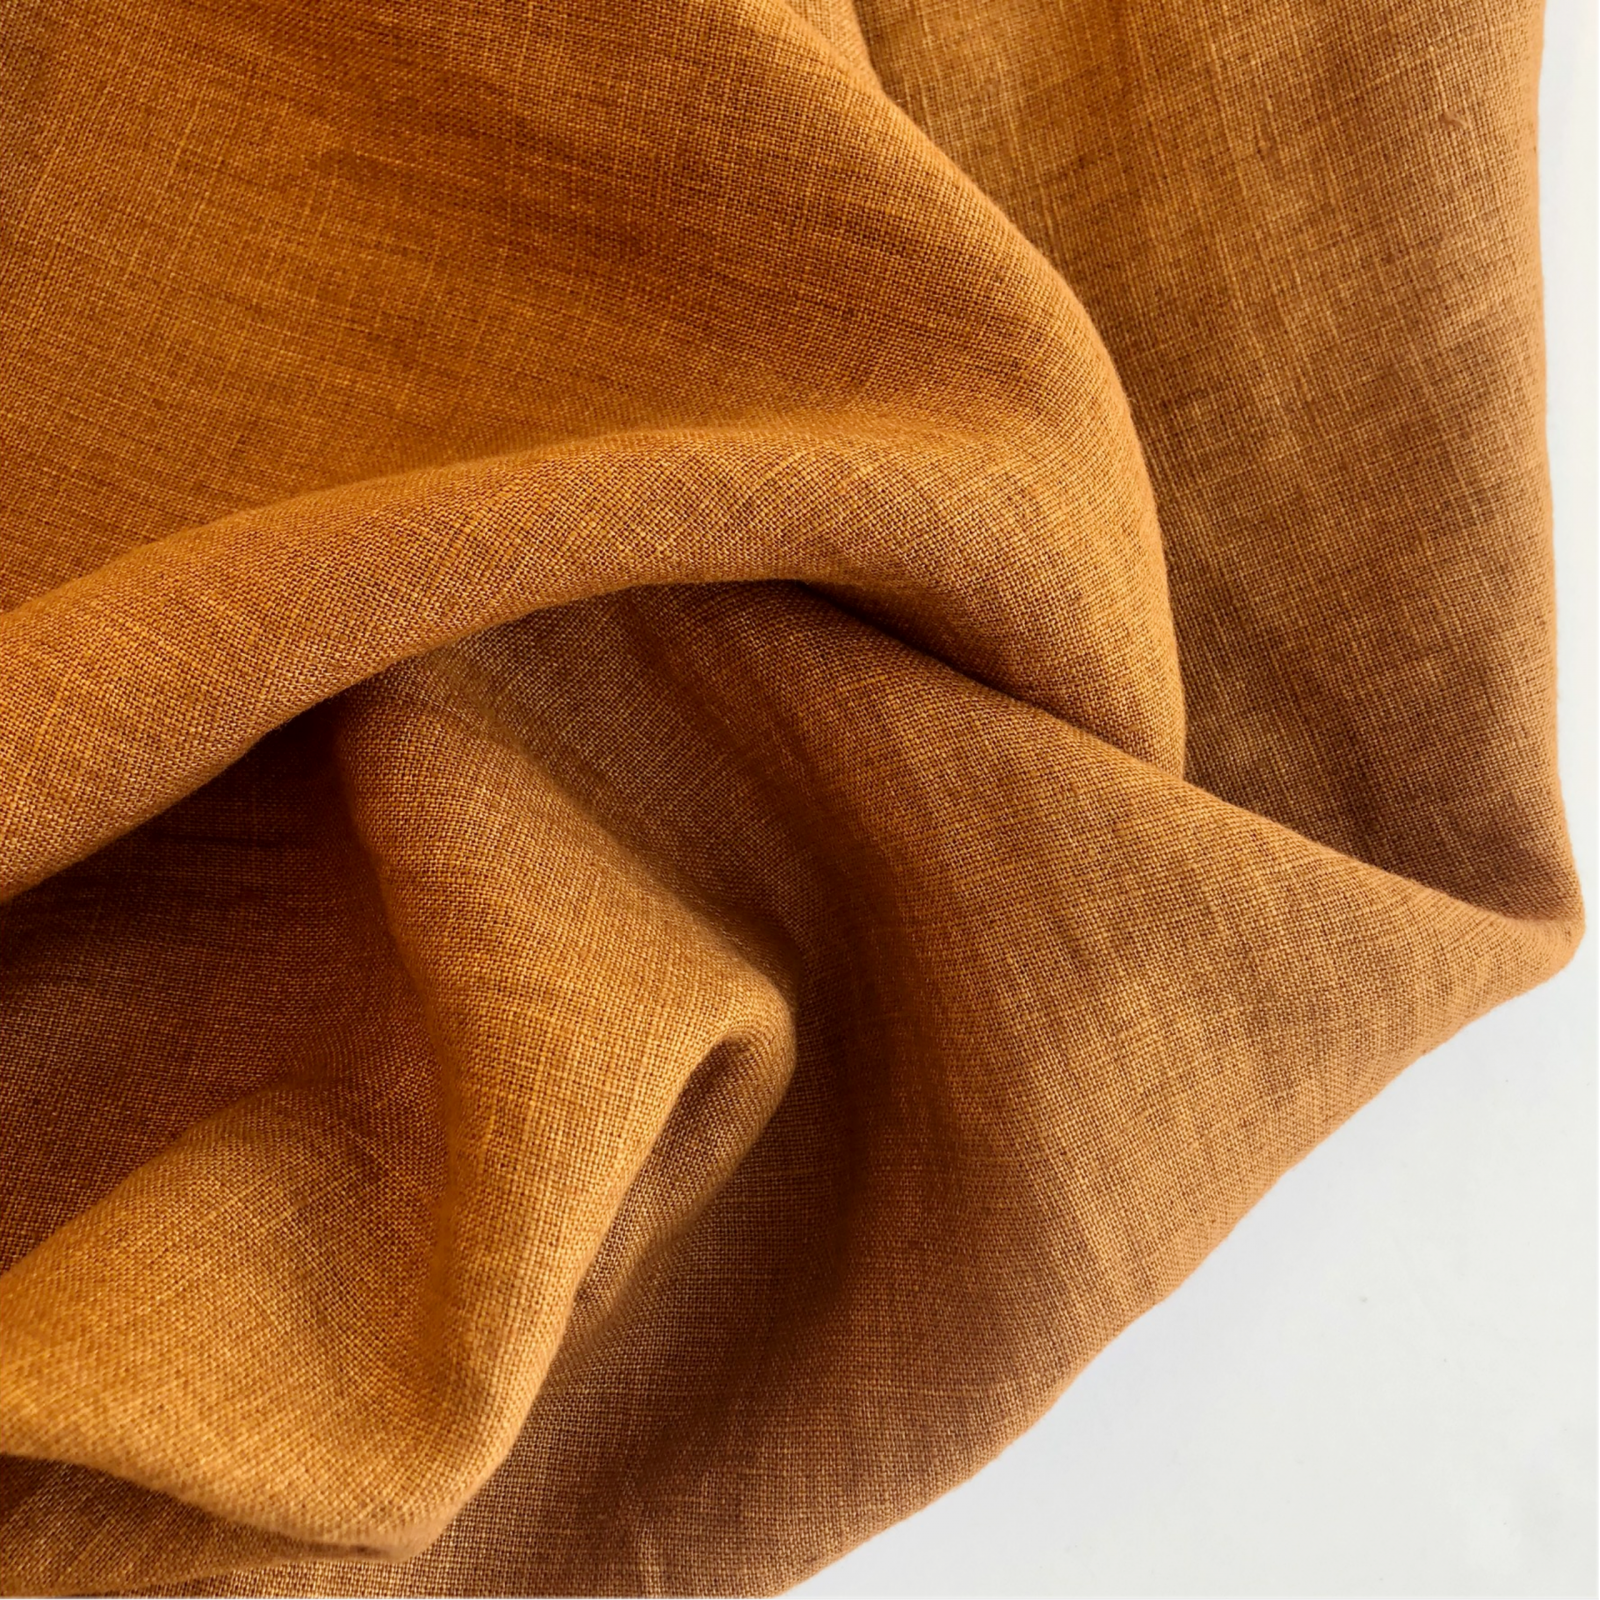 Merchant &  Mills Laundered Linen - Nutmeg Brown 56